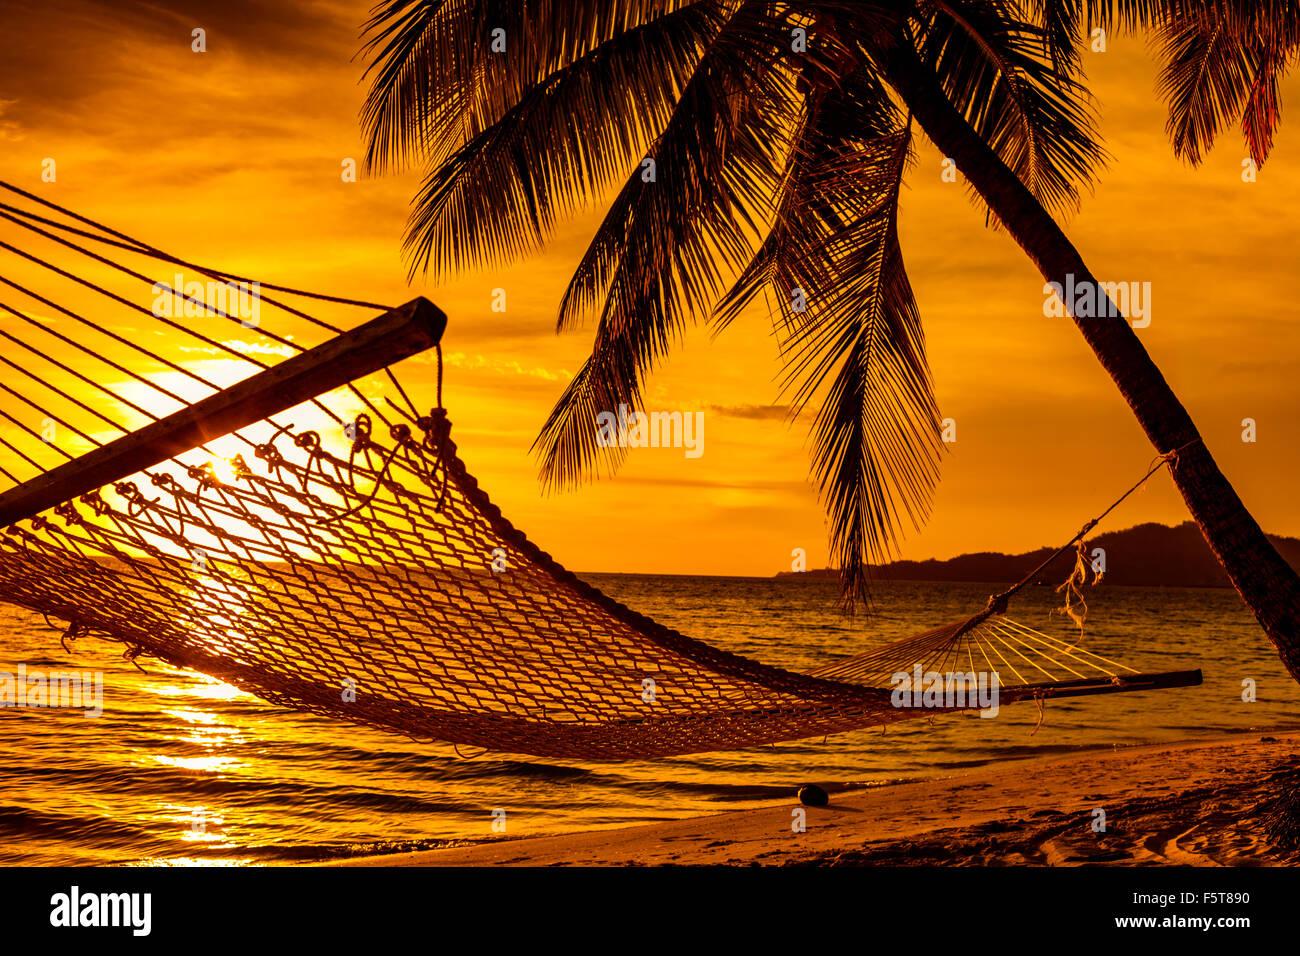 Silhouette di amaca e palme su una spiaggia tropicale al tramonto Immagini Stock